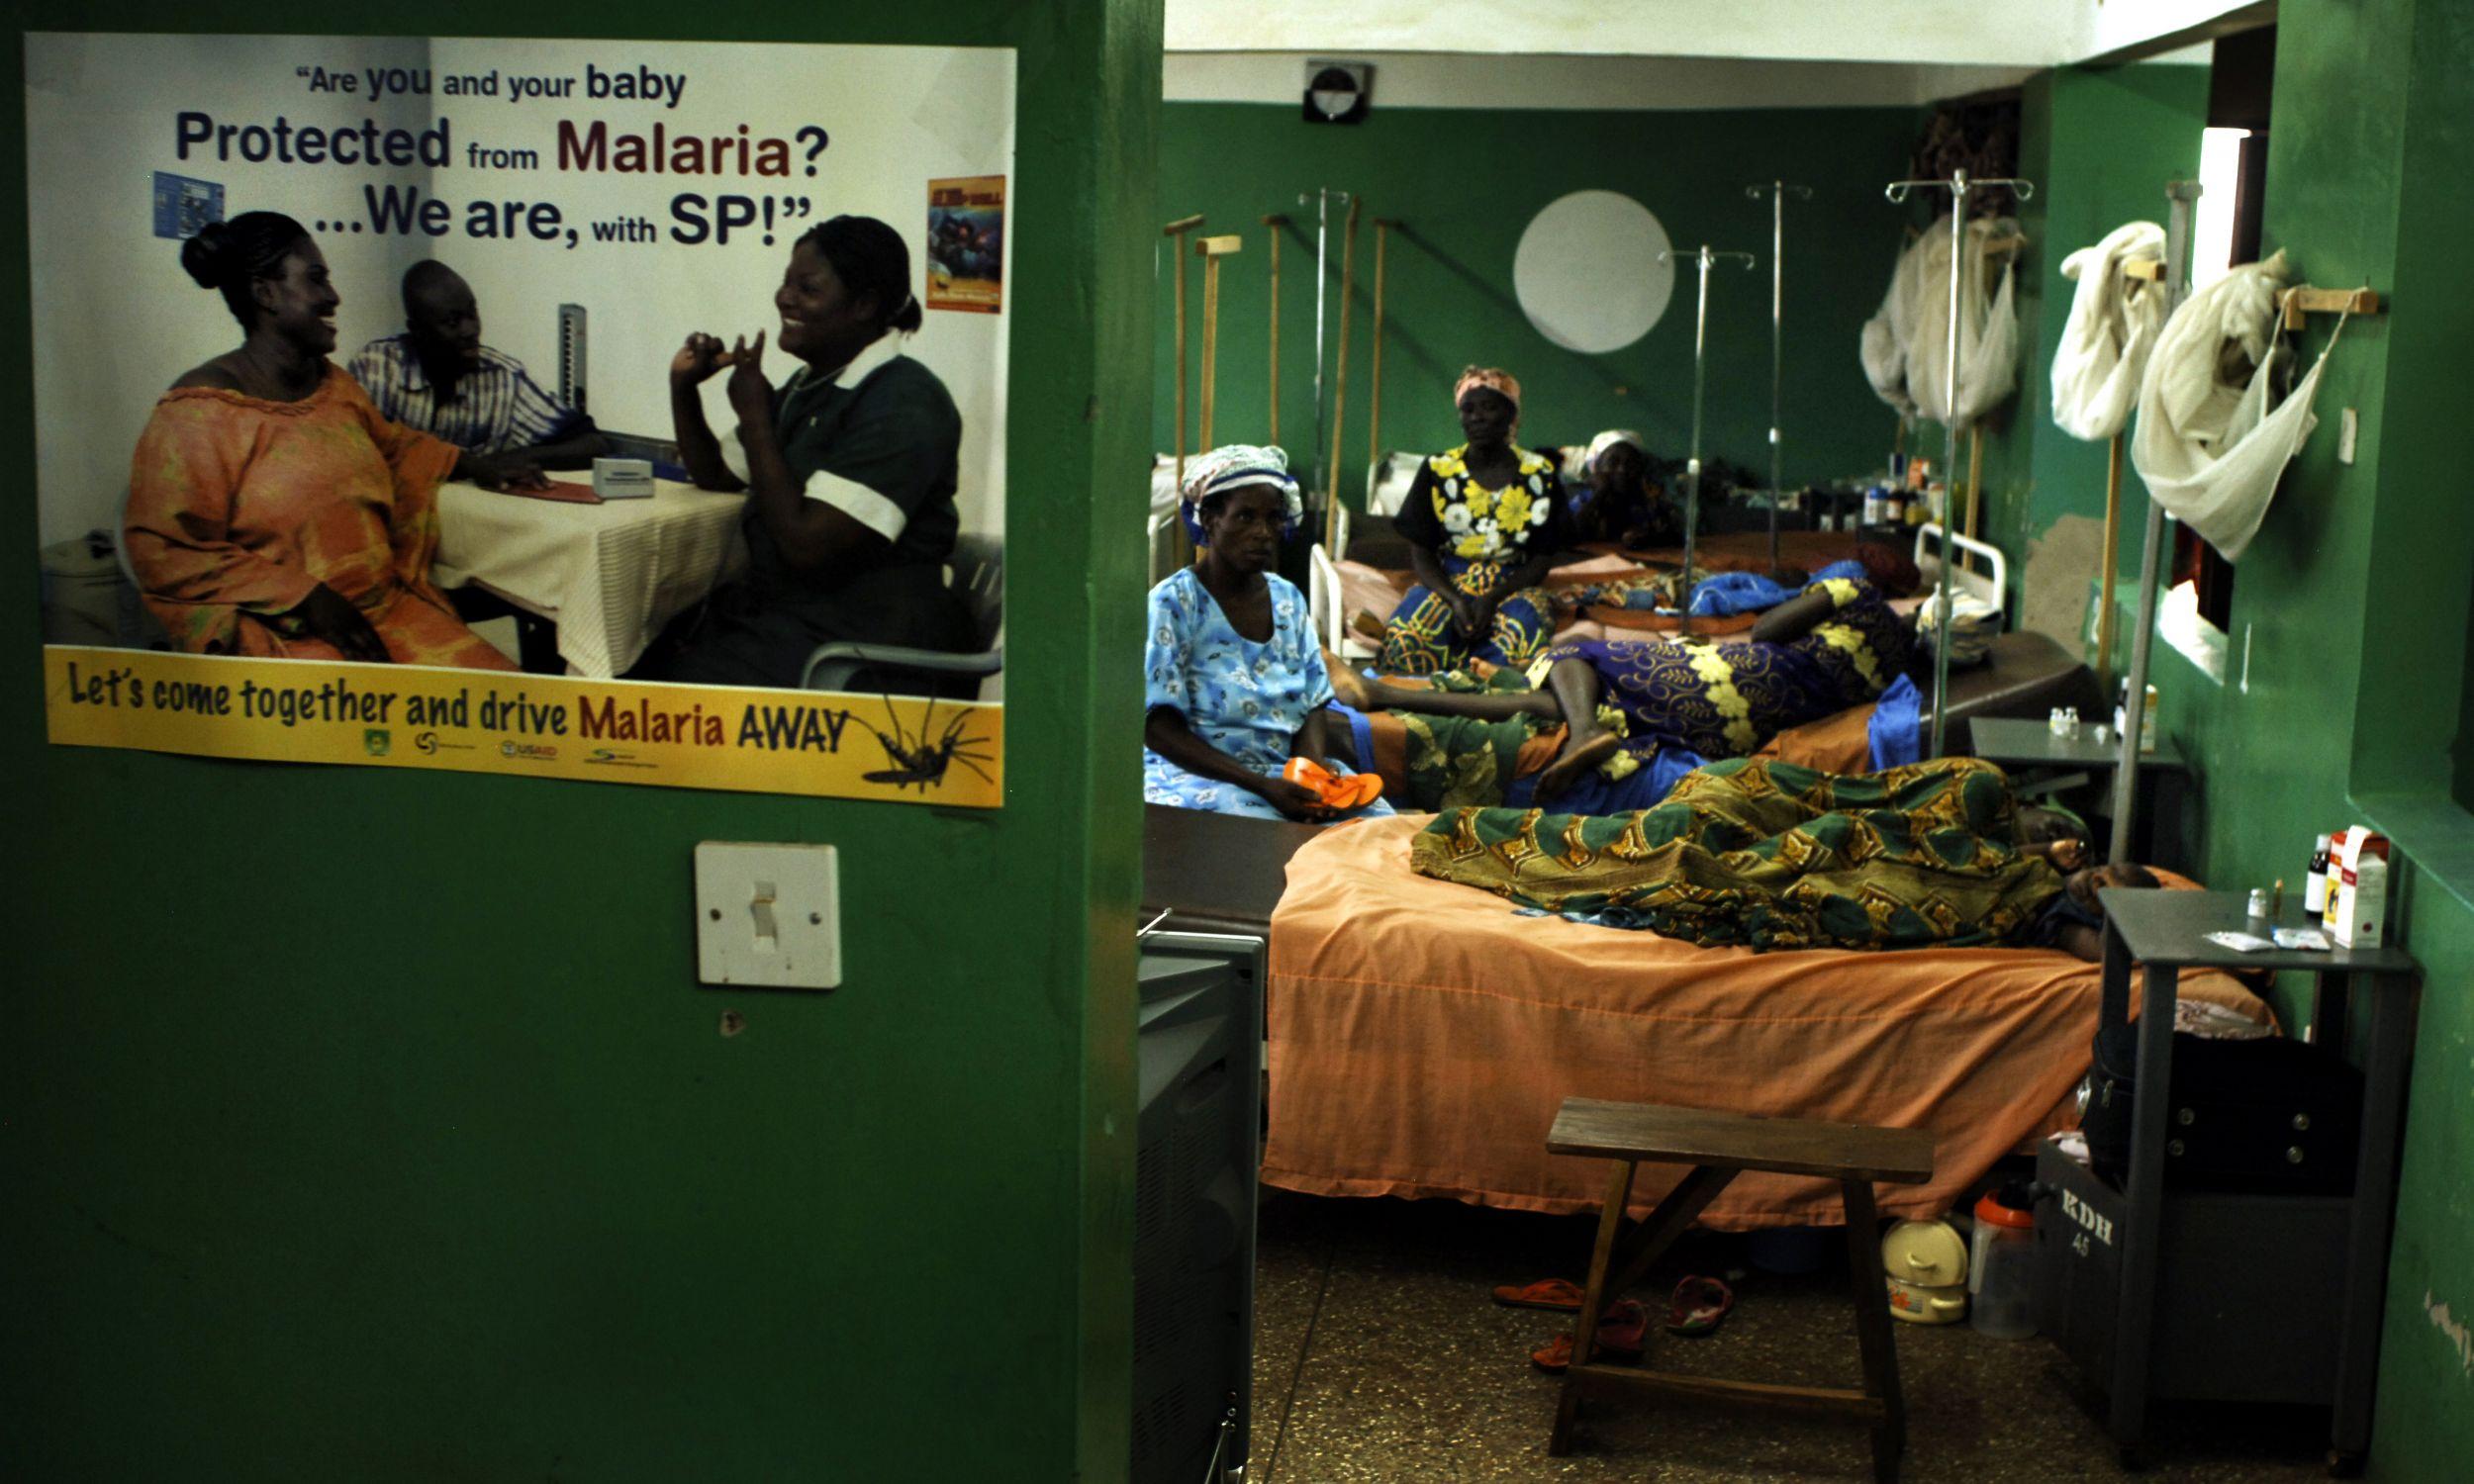 Kintampo w Ghanie, 18 września 2007 r. Plakat informujący o ochronie przed malarią, zawieszony przed szpitalem, w którym leczonych jest wiele zarażonych afrykańskich dzieci. Fot.: Shaul Schwarz/Getty Images